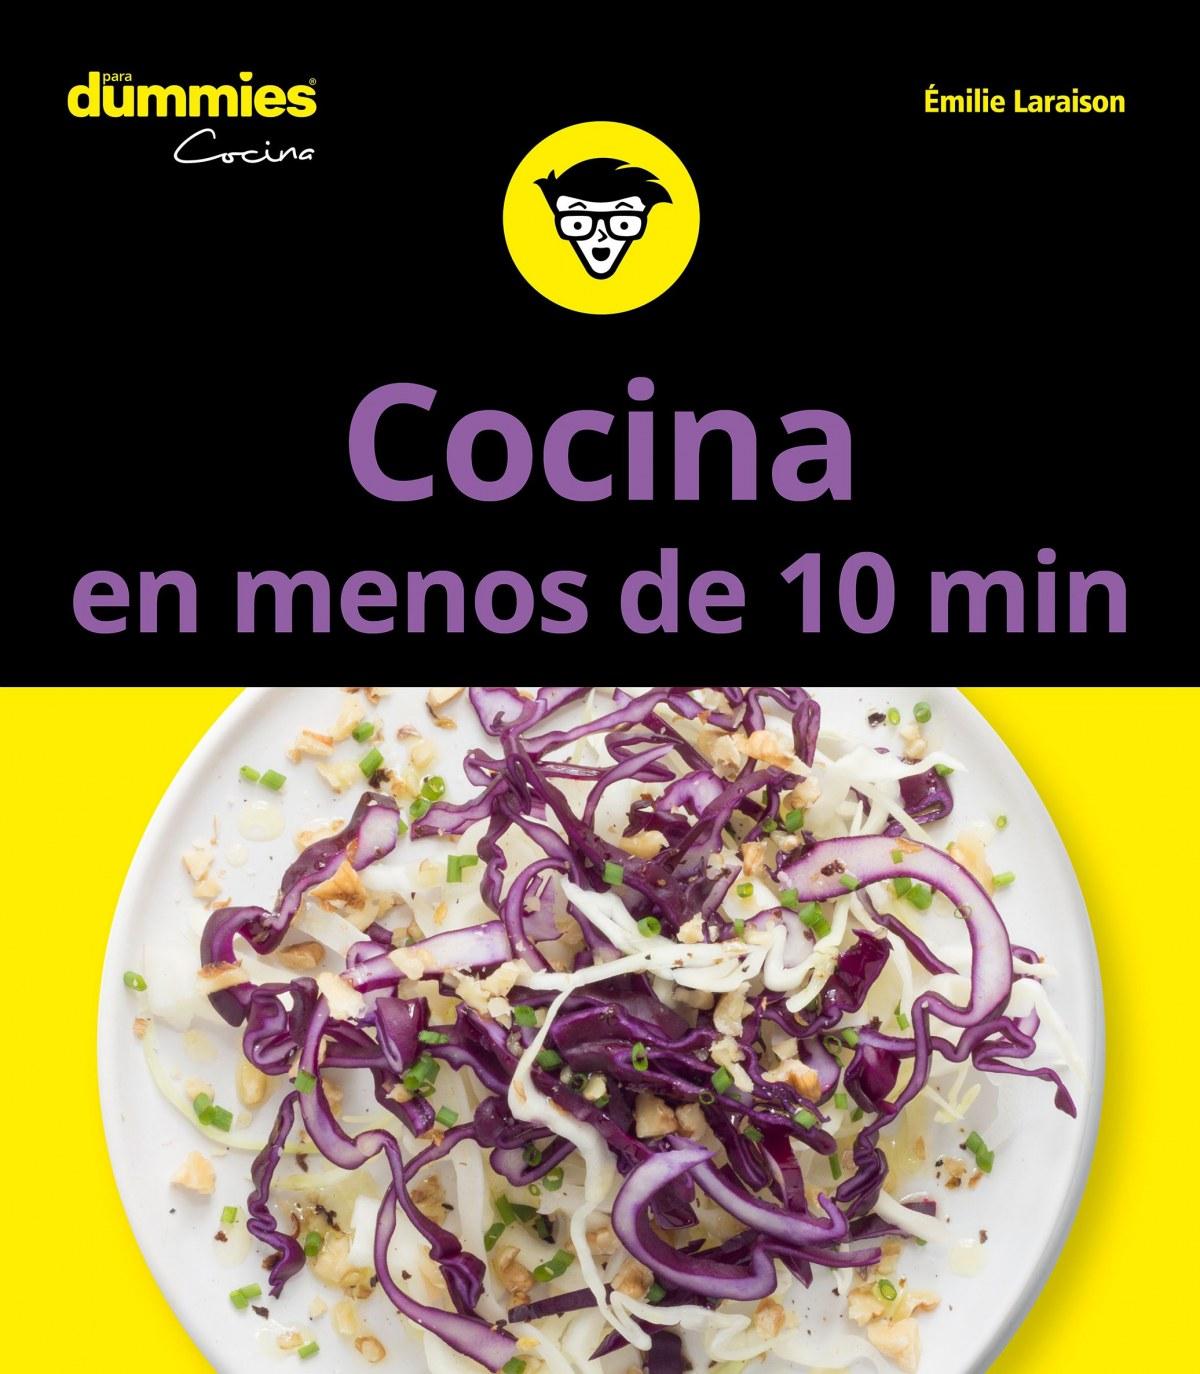 COCINAR EN MENOS DE 10 MINUTOS PARA DUMMIES